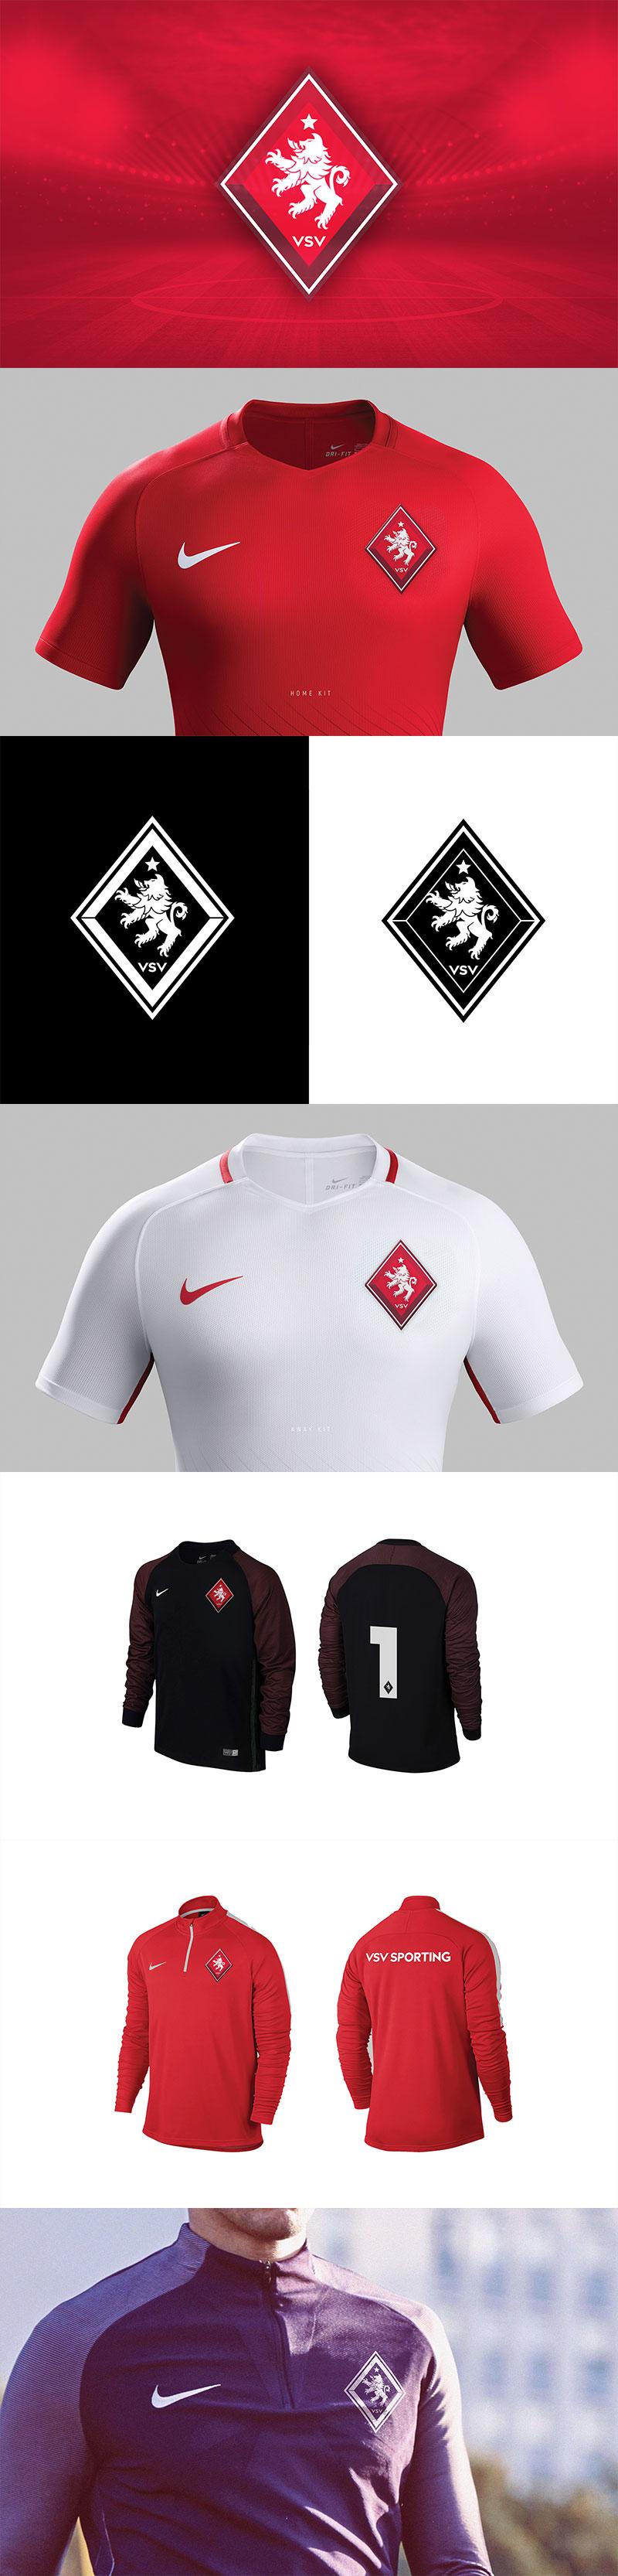 Branding VSV Sporting Football Club por Ricardo Carvalho